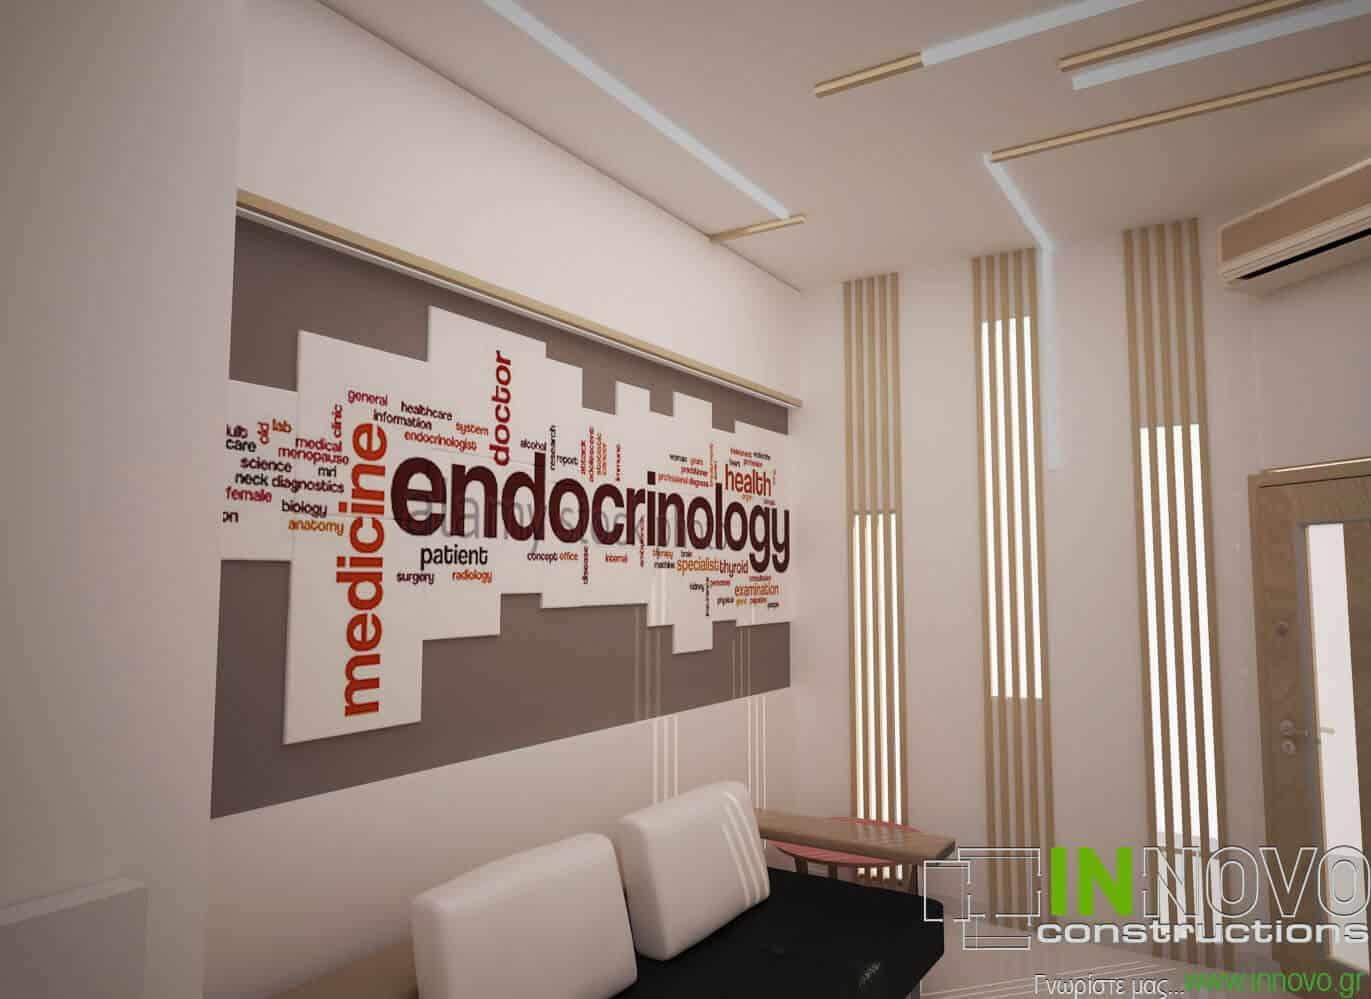 Μελέτη επίπλωσης Ενδοκρινολογικού ιατρείου στη Ναύπακτο